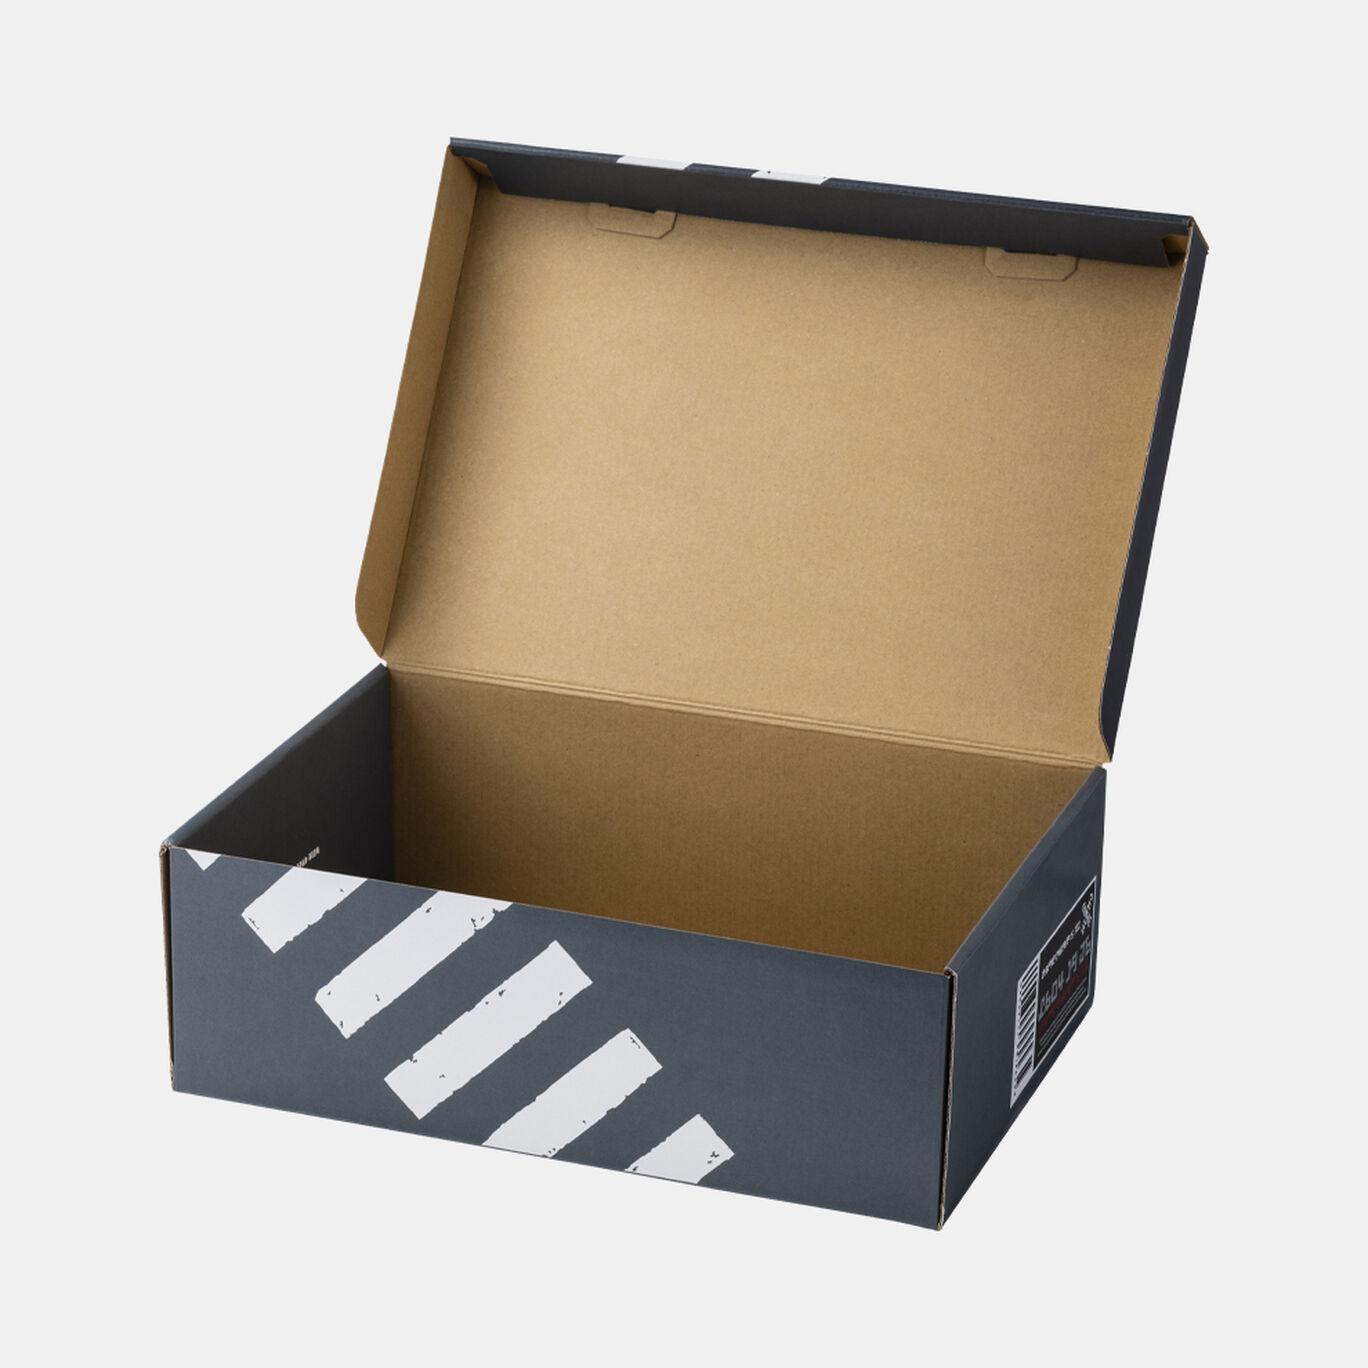 シューズボックス風収納BOX CROSSING SPLATOON B【Nintendo TOKYO取り扱い商品】